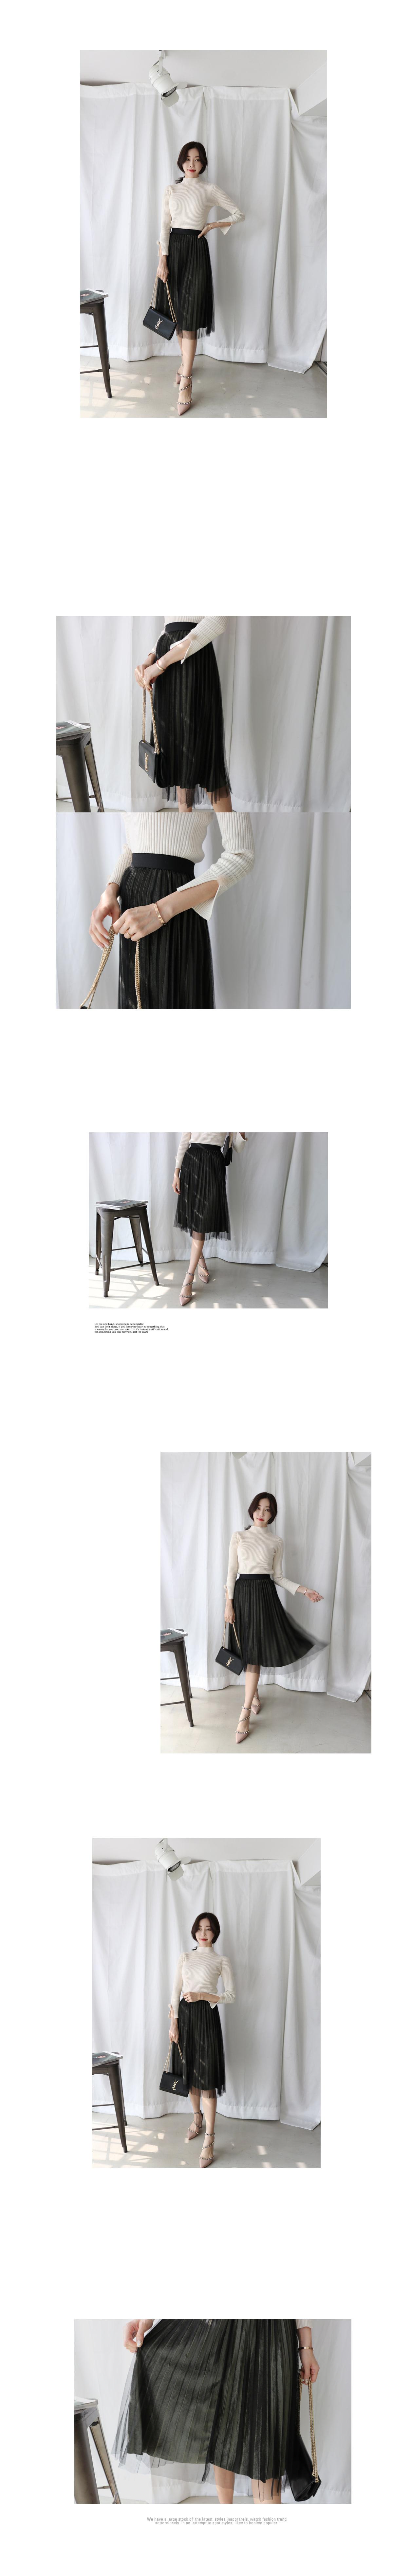 2018111901-2_shop1_094430.jpg